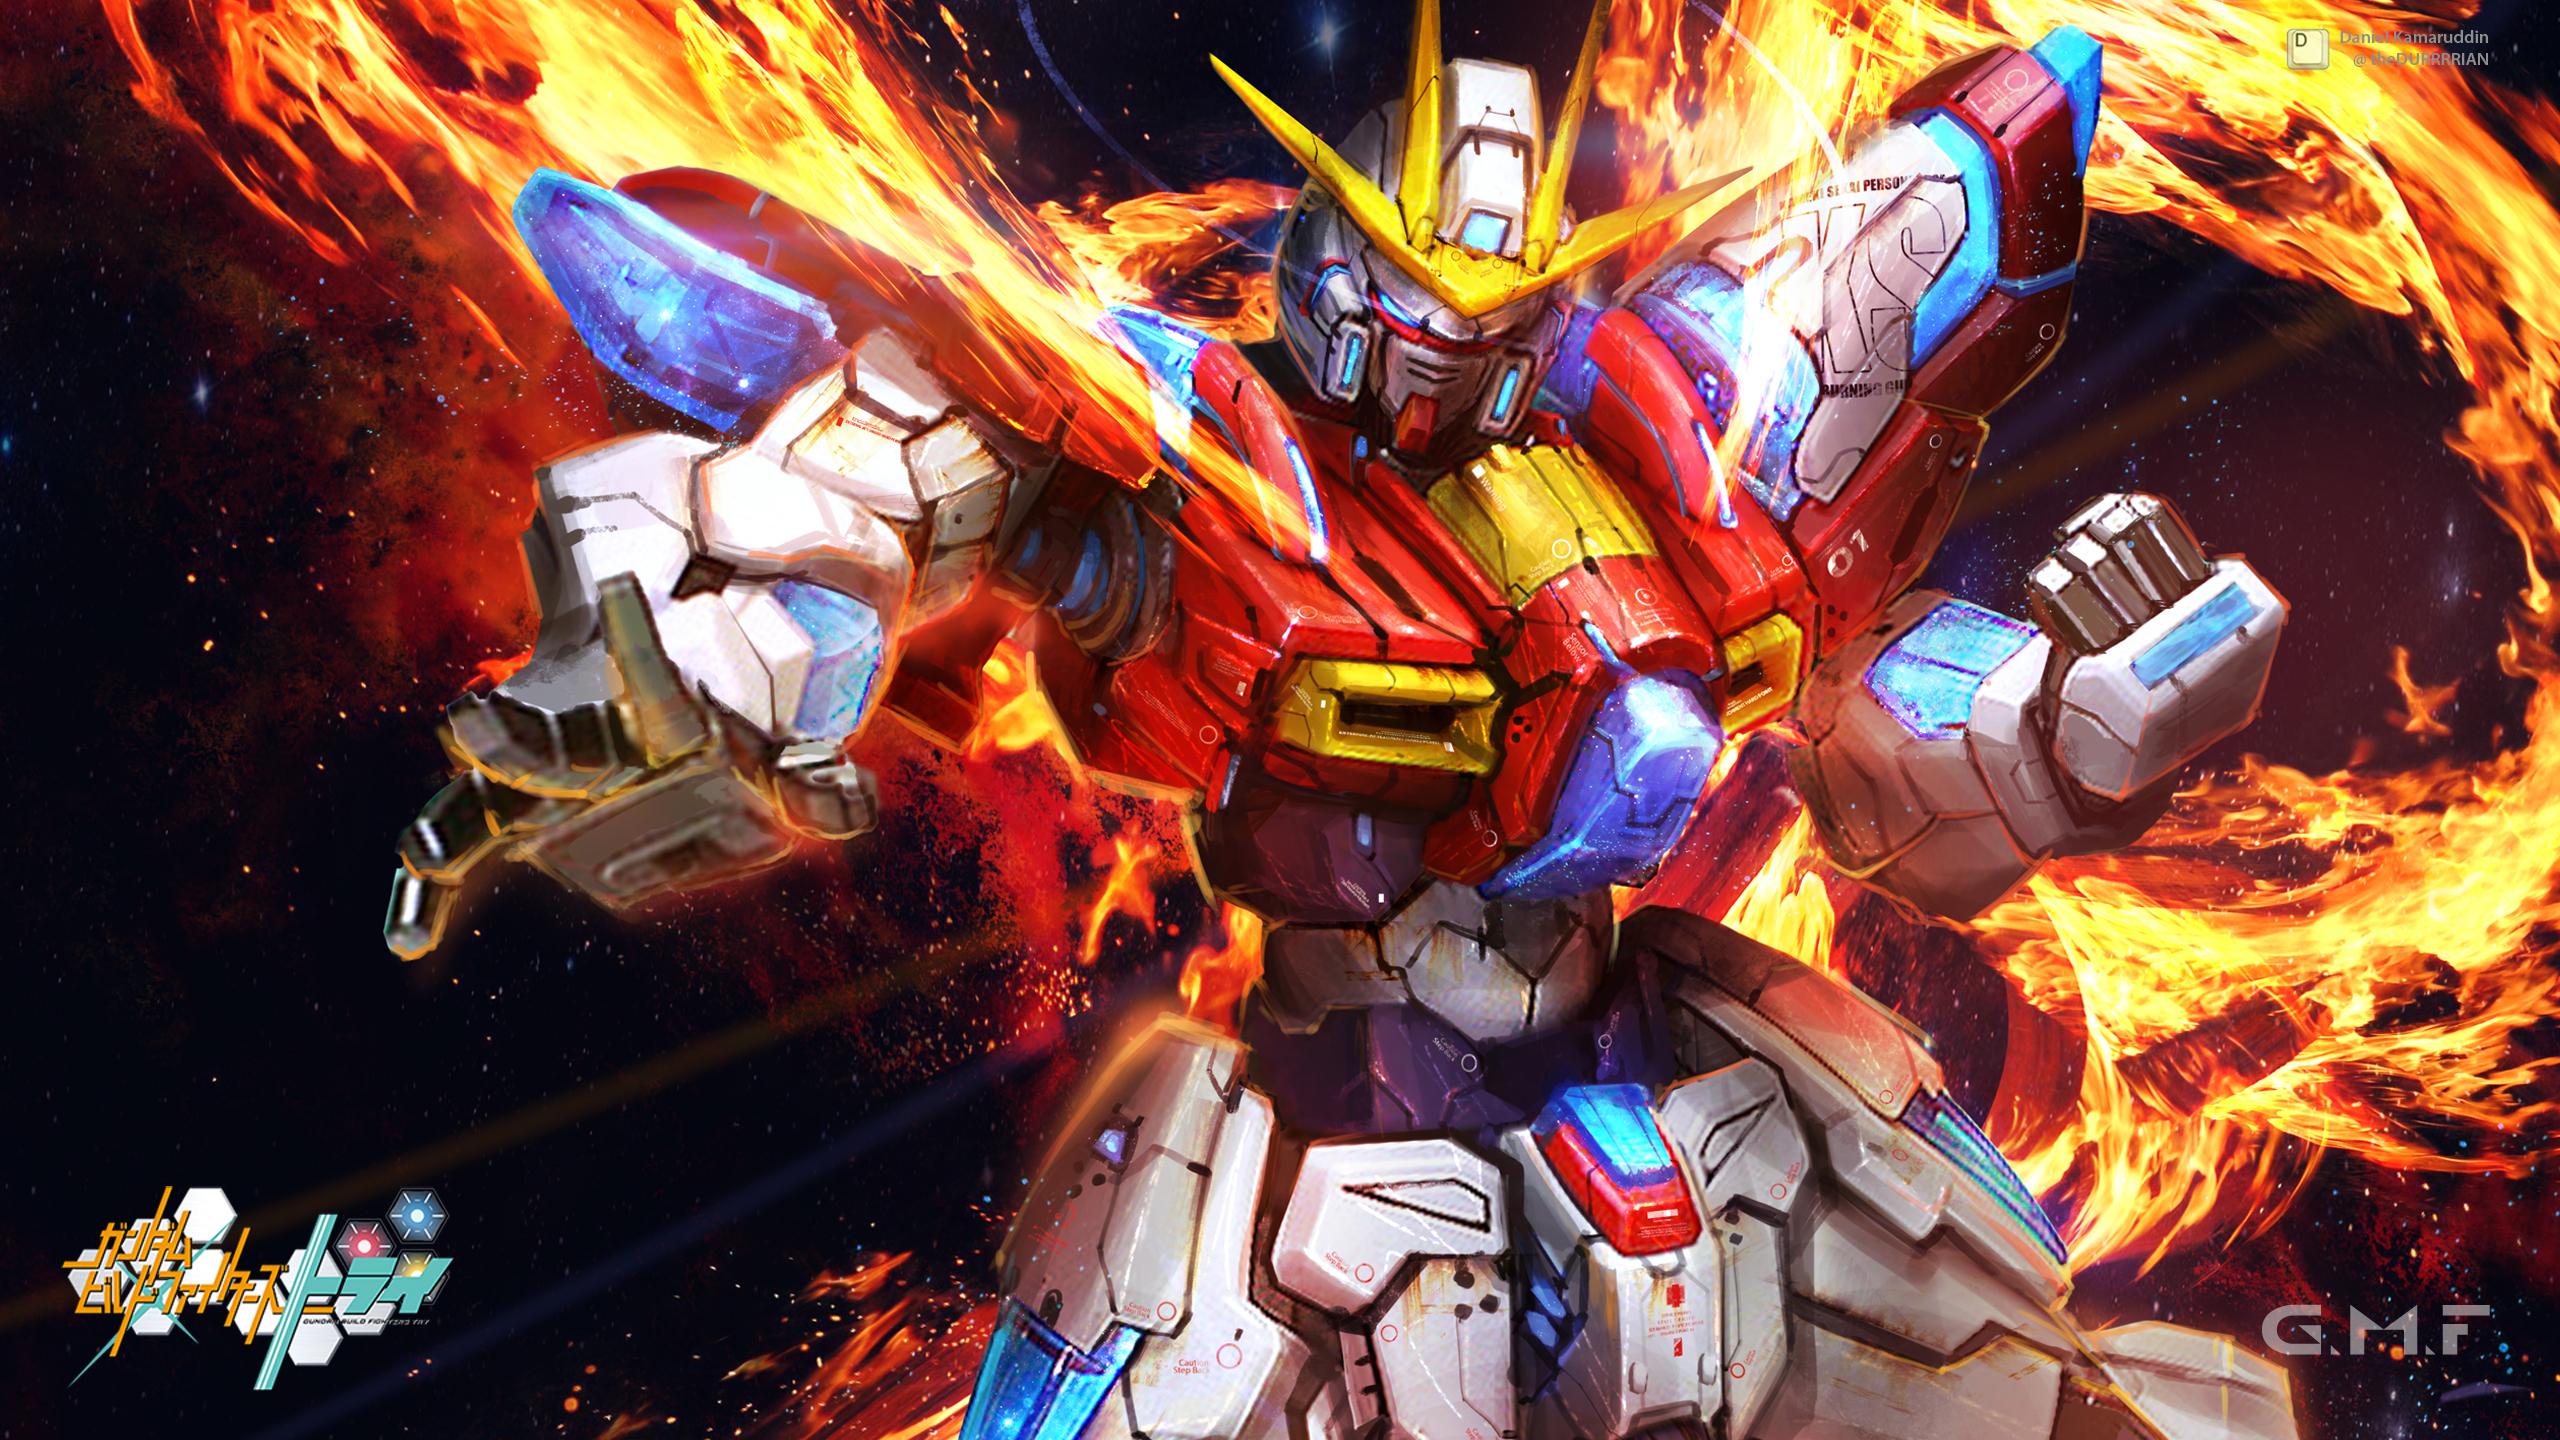 God Of War Mobile Wallpaper Hd 1080p Gundam Robot Fire Wallpapers Media File Pixelstalk Net